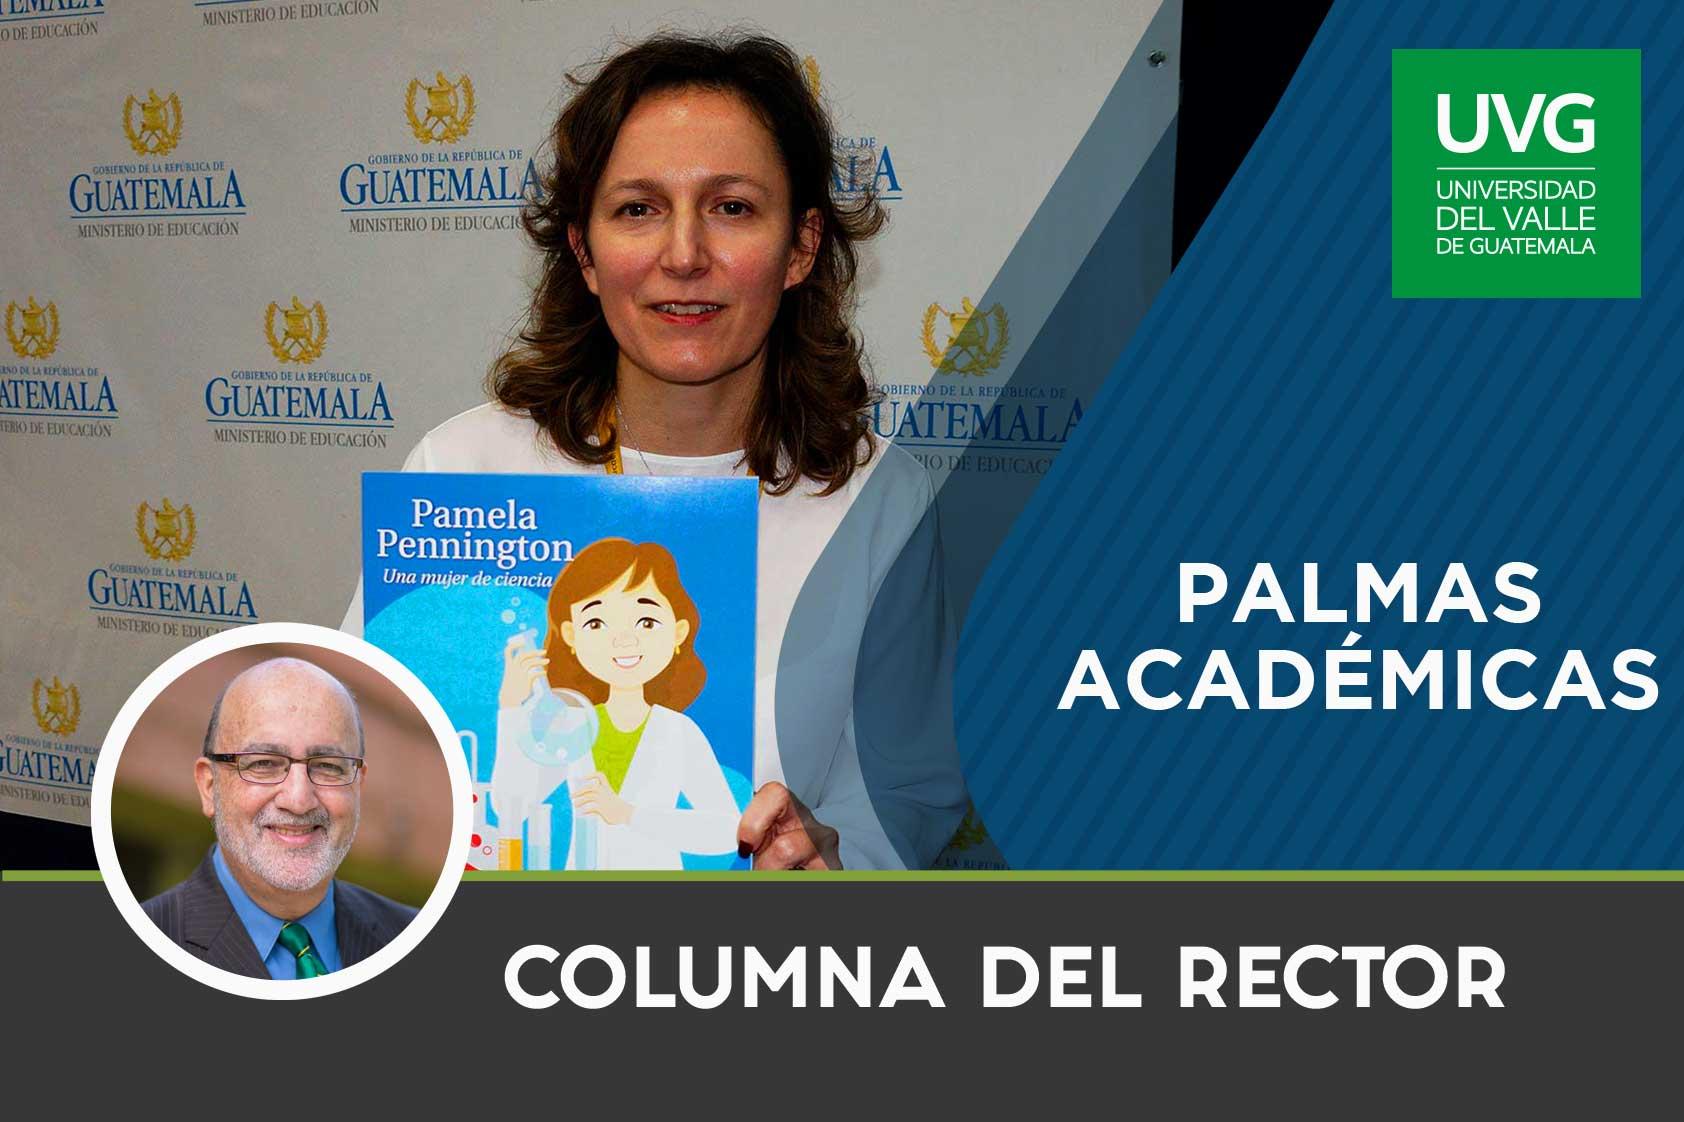 Palmas Académicas